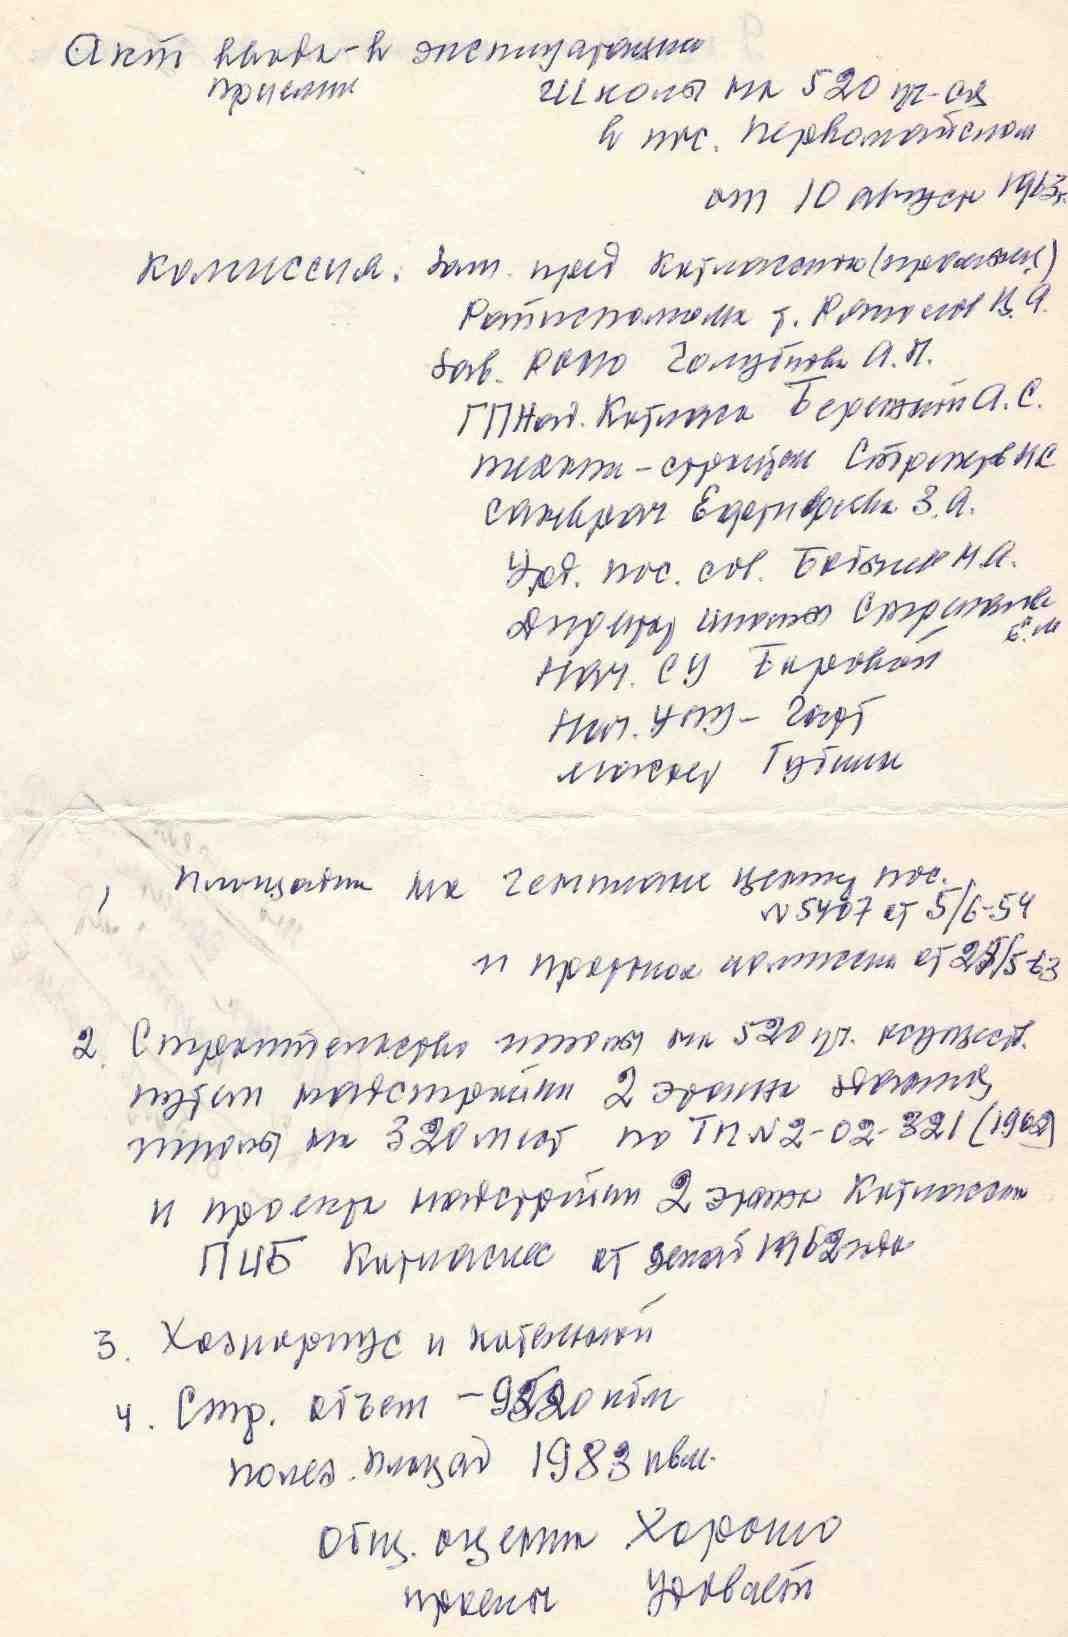 10.08.1963. Акт ввода в эксплуатацию школы на 520 учащихся в п Первомайском. УСШ.